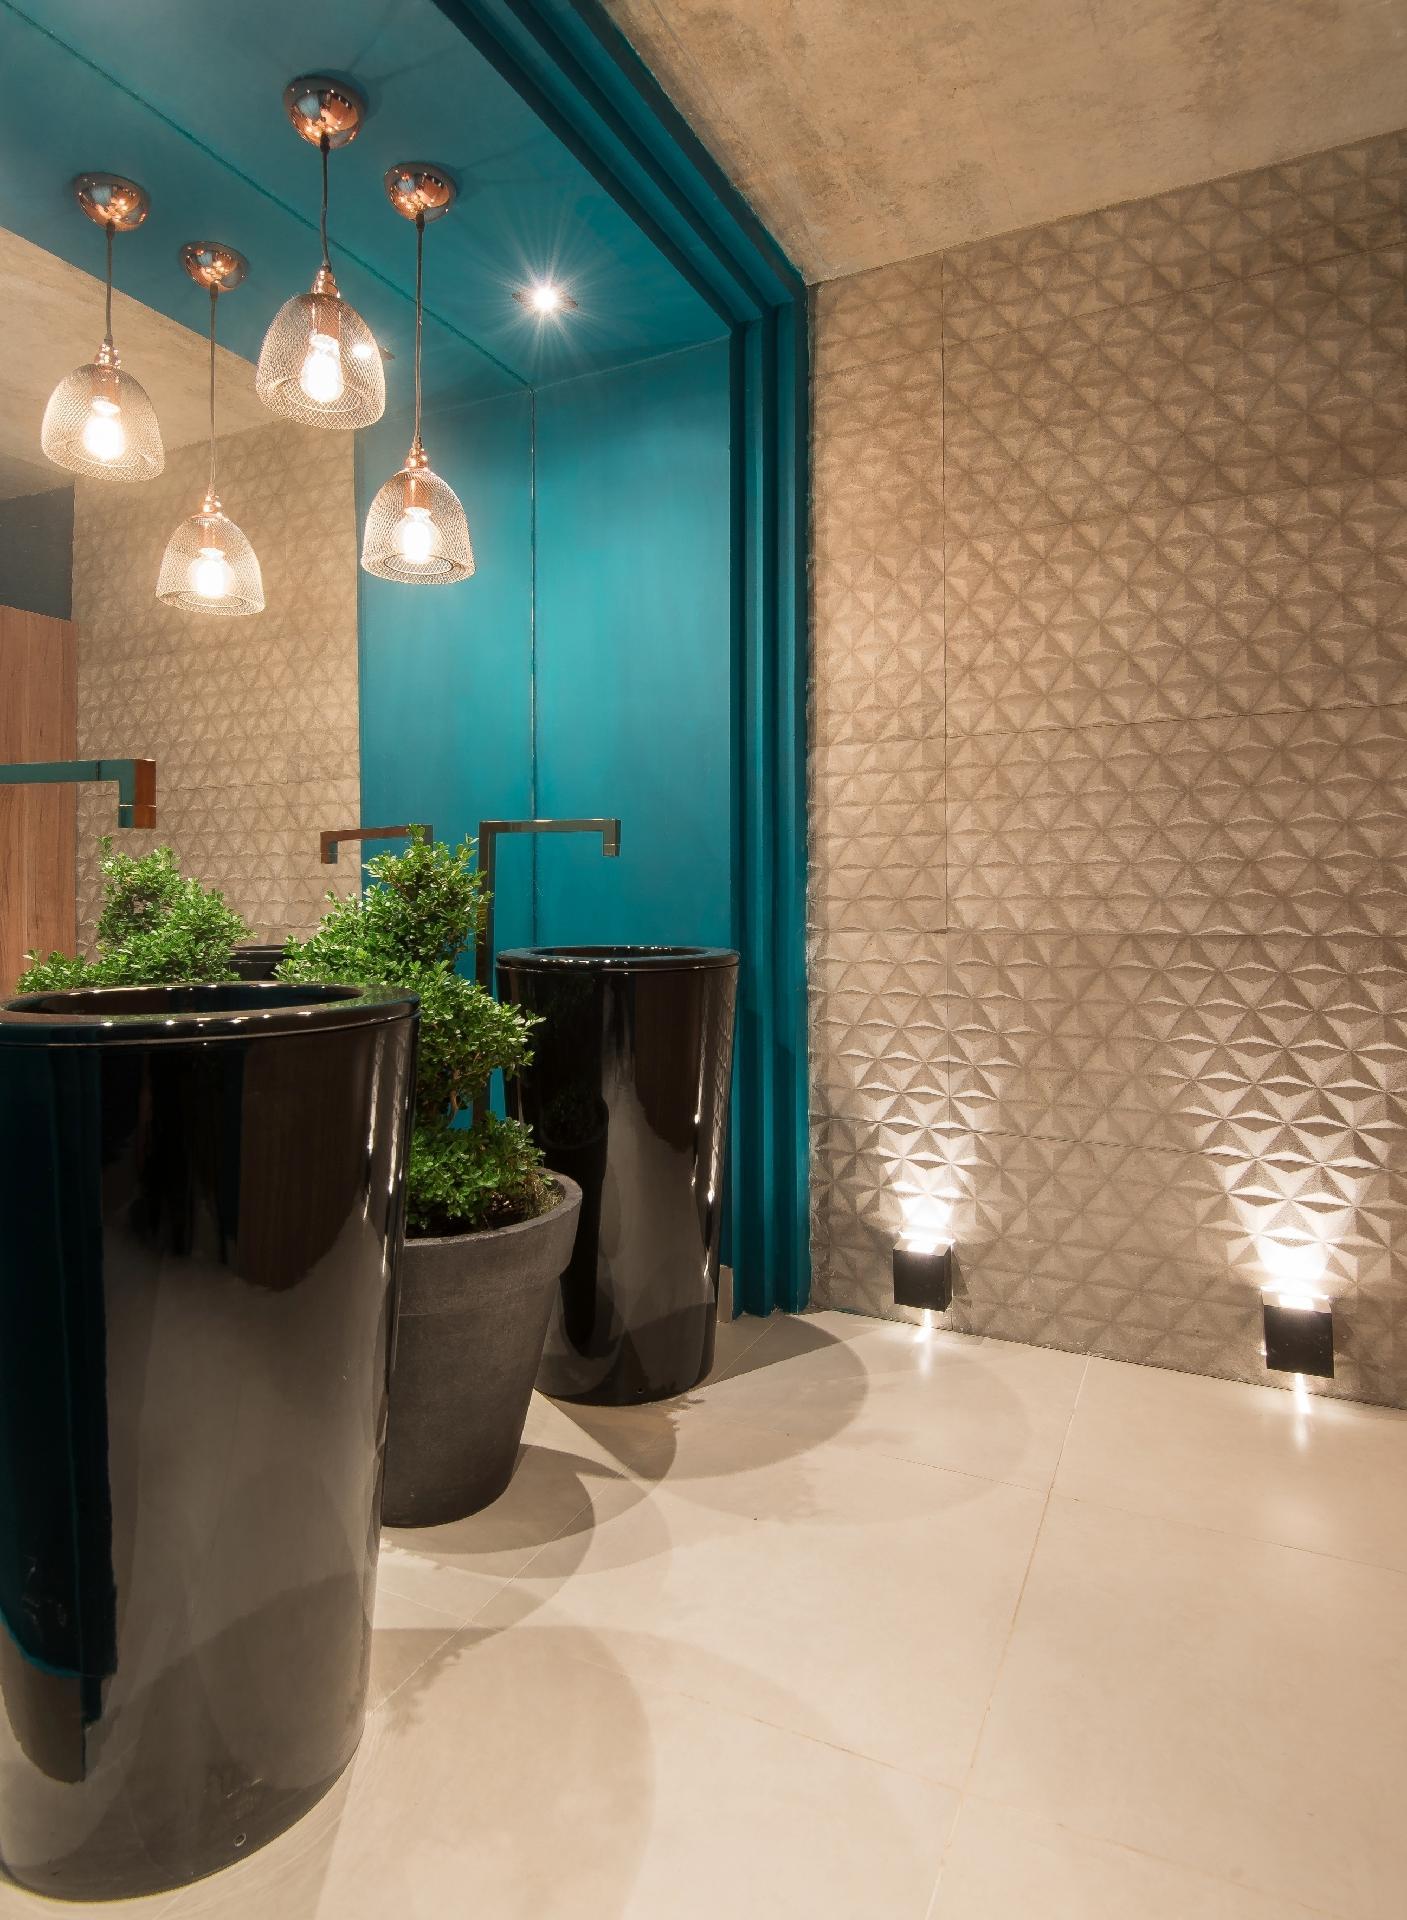 Casa Cor MS - 2016: o Banho Público, projetado por Paula Magalhães, pode ser usado pelos visitantes da mostra. O teto de concreto é combinado a uma estrutura turquesa, que delimita e emoldura espelhos e cubas. À direita, uma parede texturizada é evidenciada pela iluminação